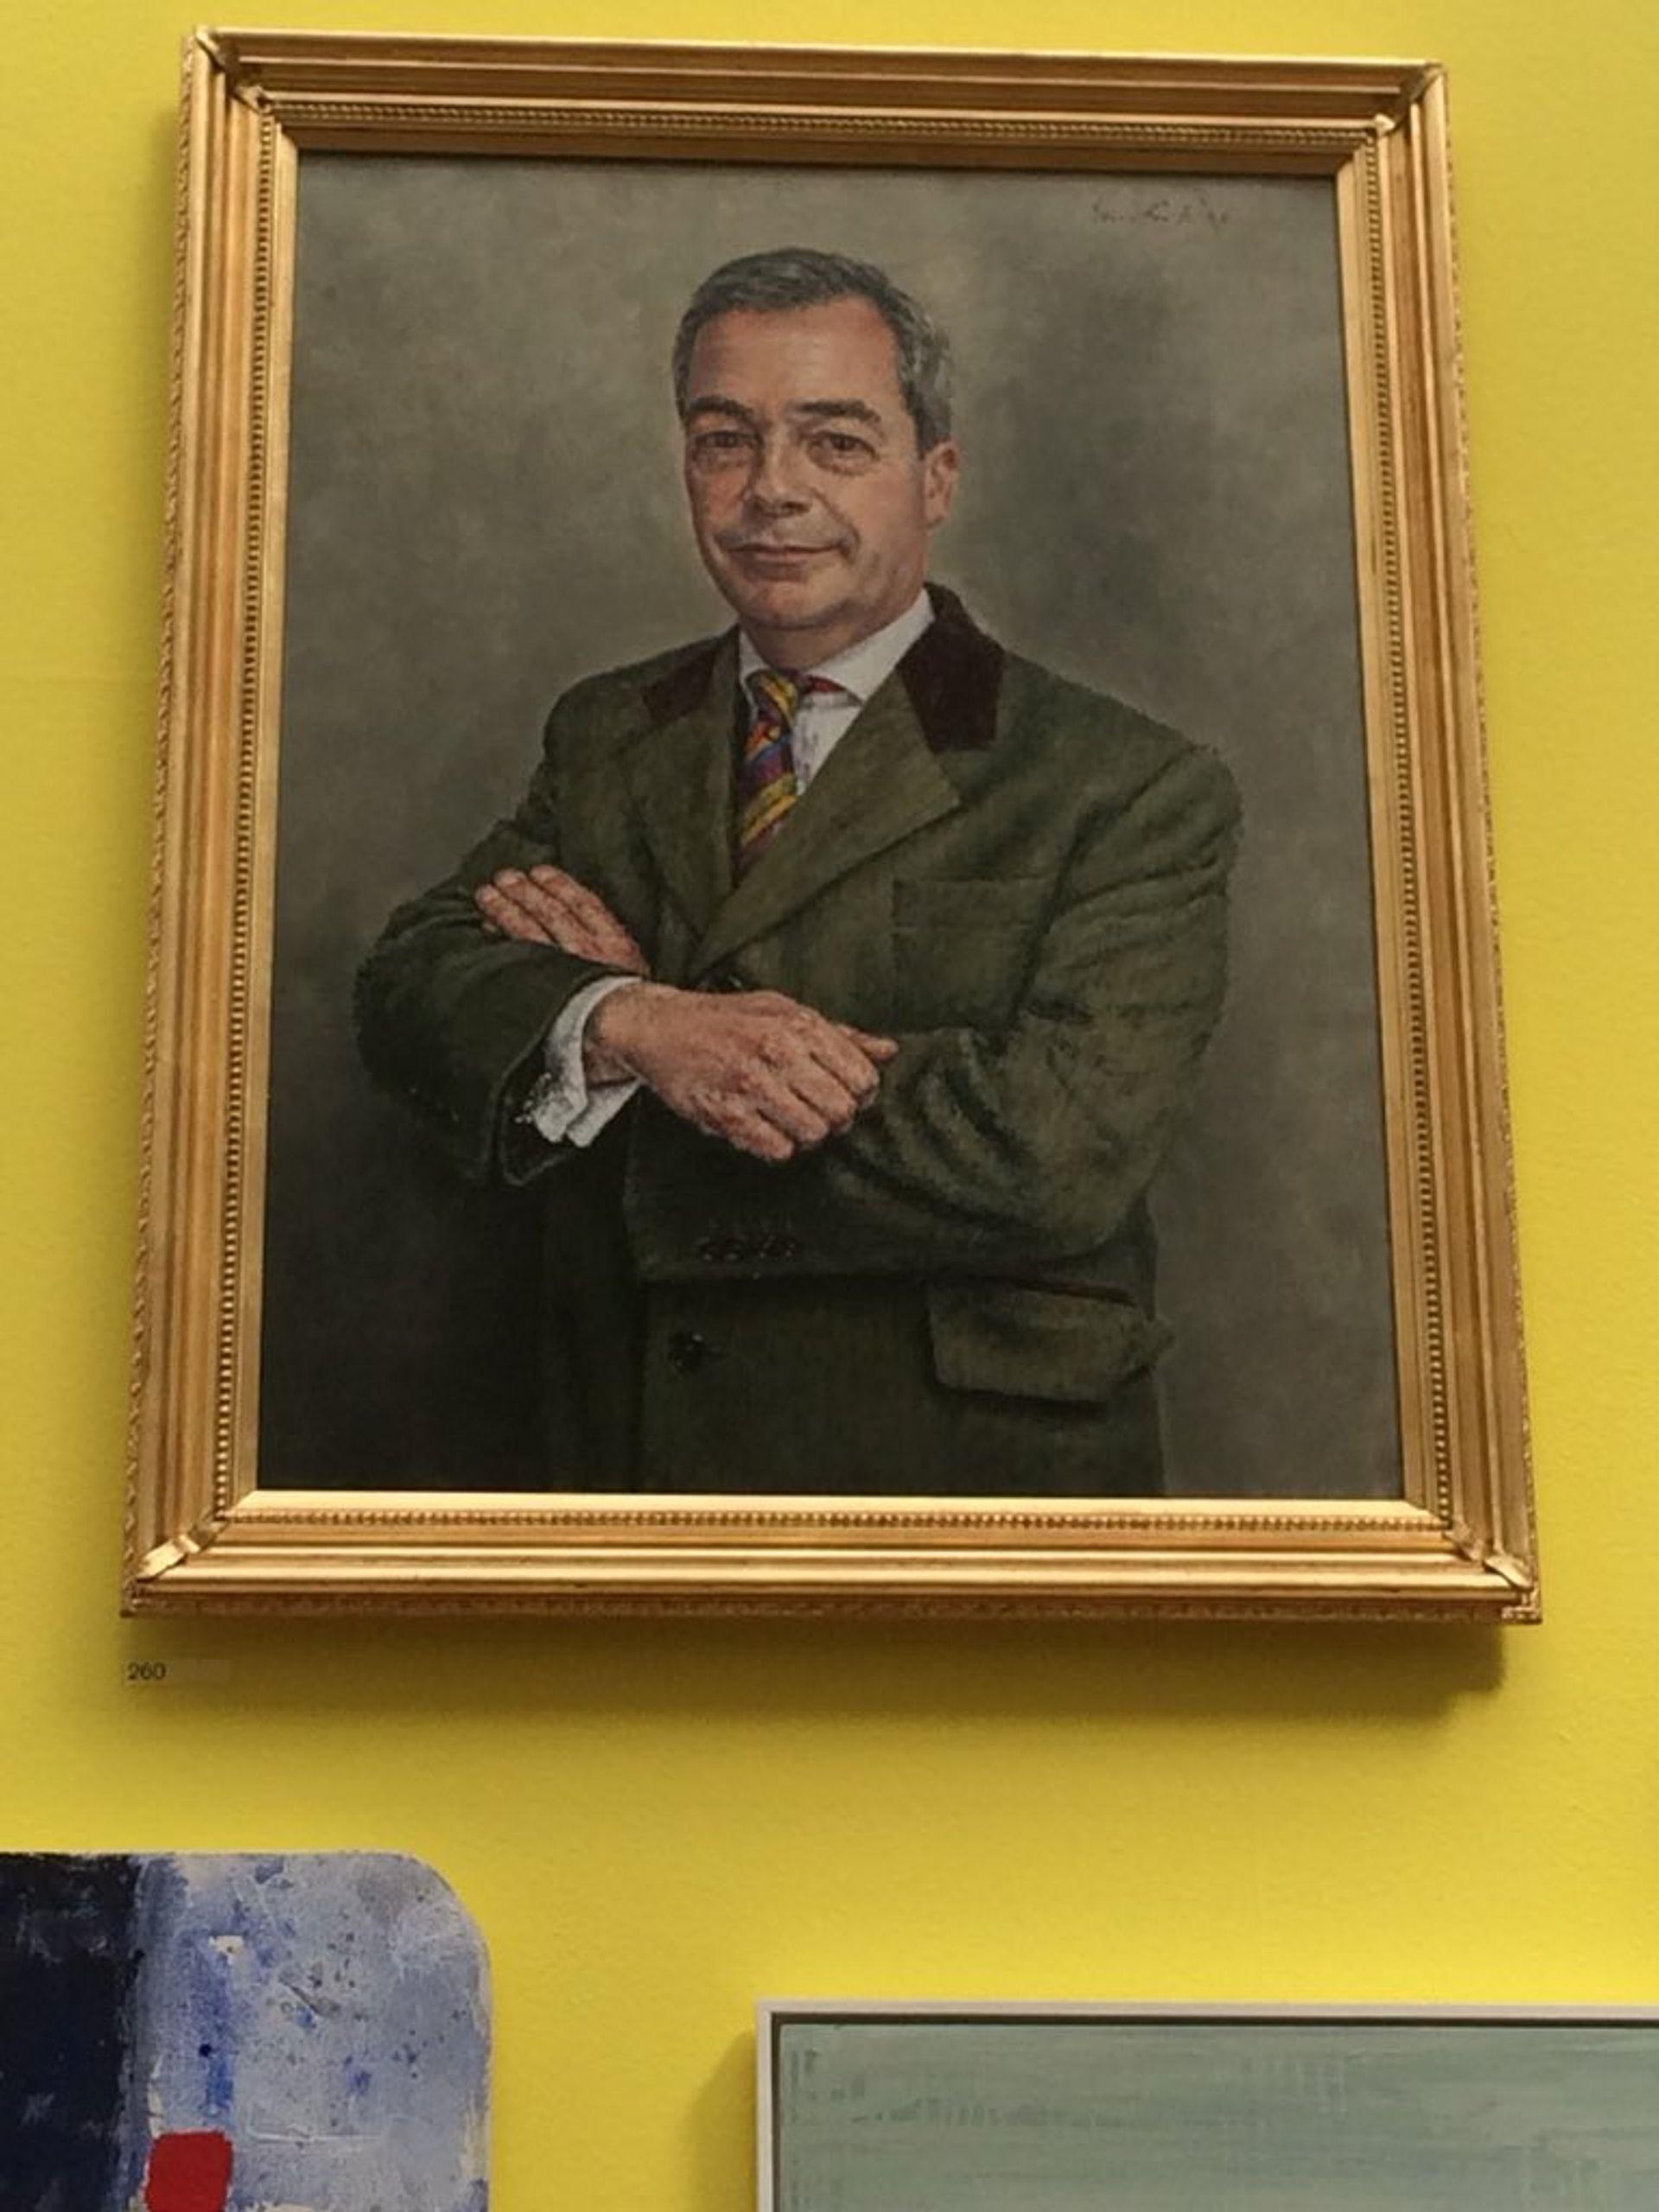 Nigel Farage MEP (2018) by David Griffiths © courtesy Bob Hawkins